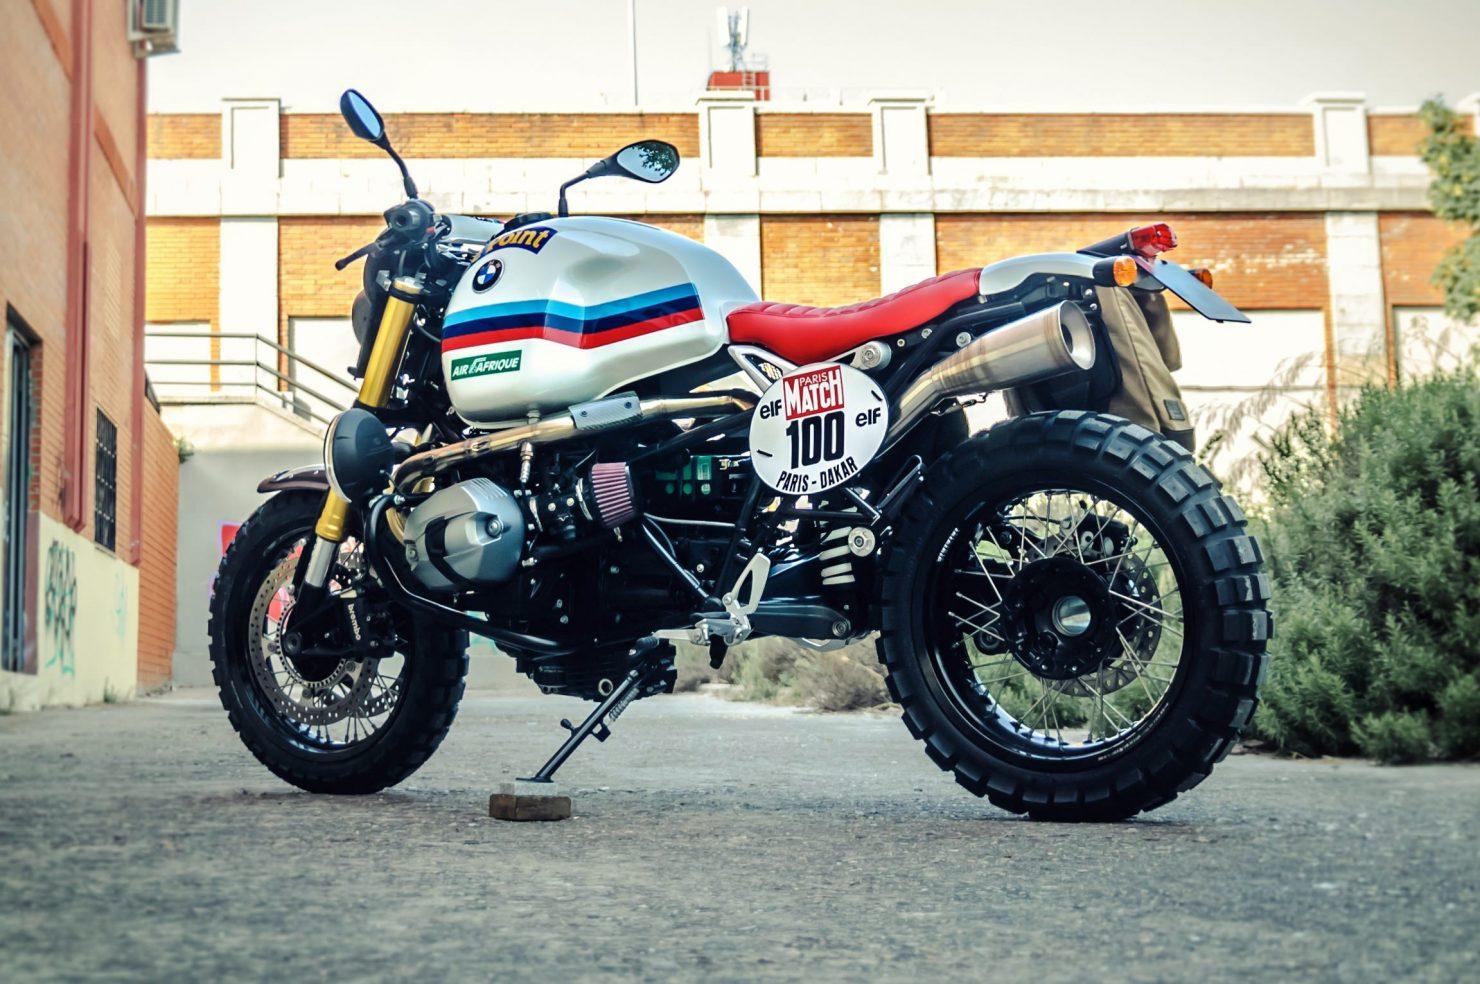 BMW R Nine T Custom Motorbike 5 1480x984 - XTR Pepo BMW R nineT Paris Dakar